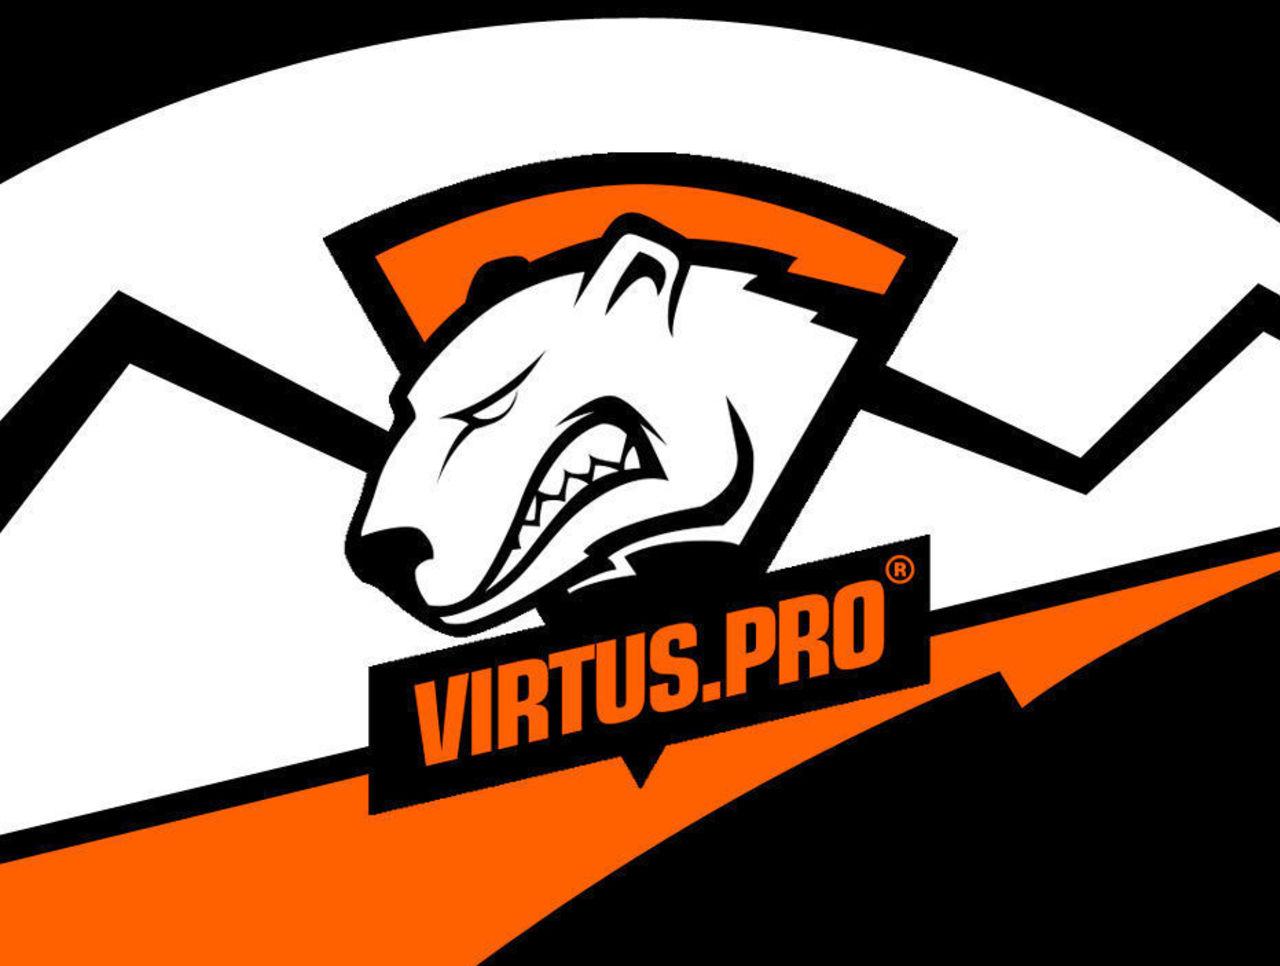 Vitrus.Pro